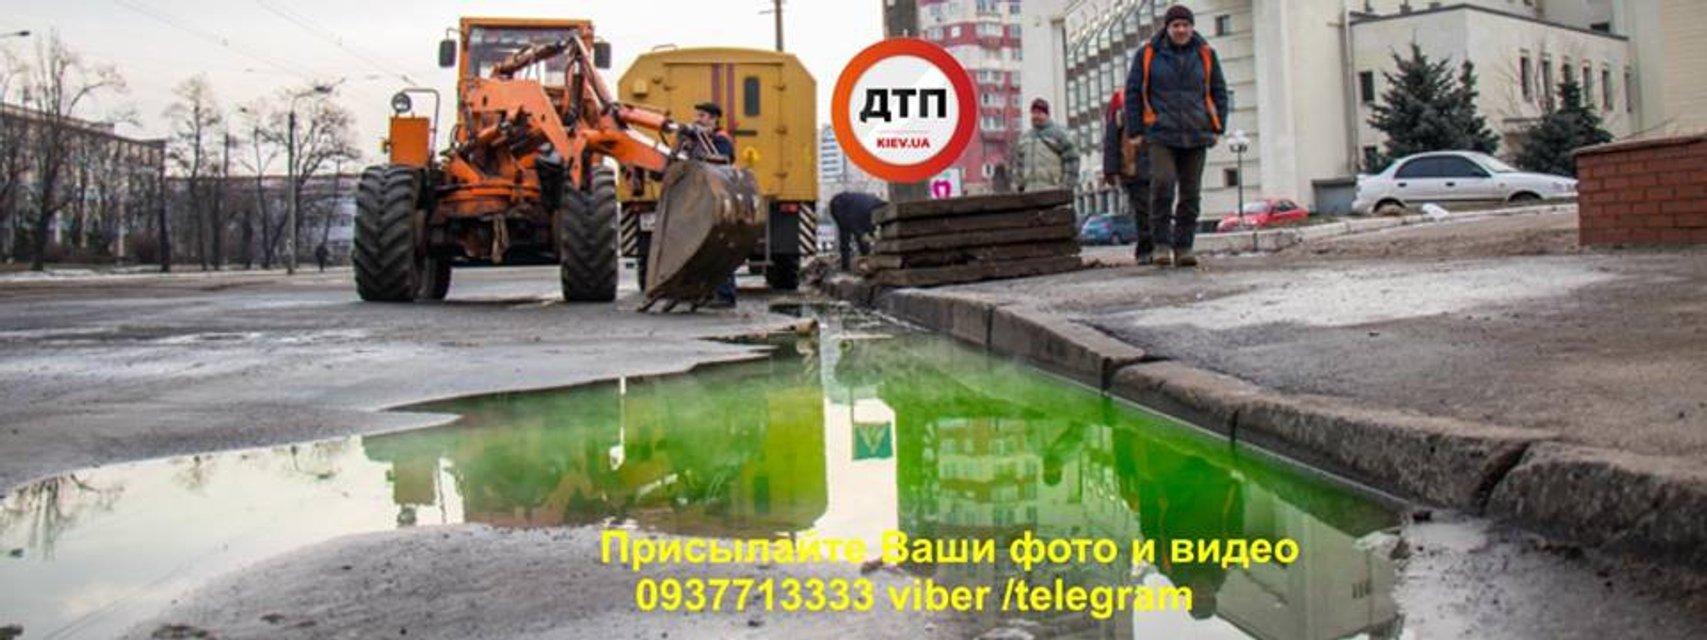 В Киеве из-за прорыва теплотрассы полилась зеленая вода - фото 107361